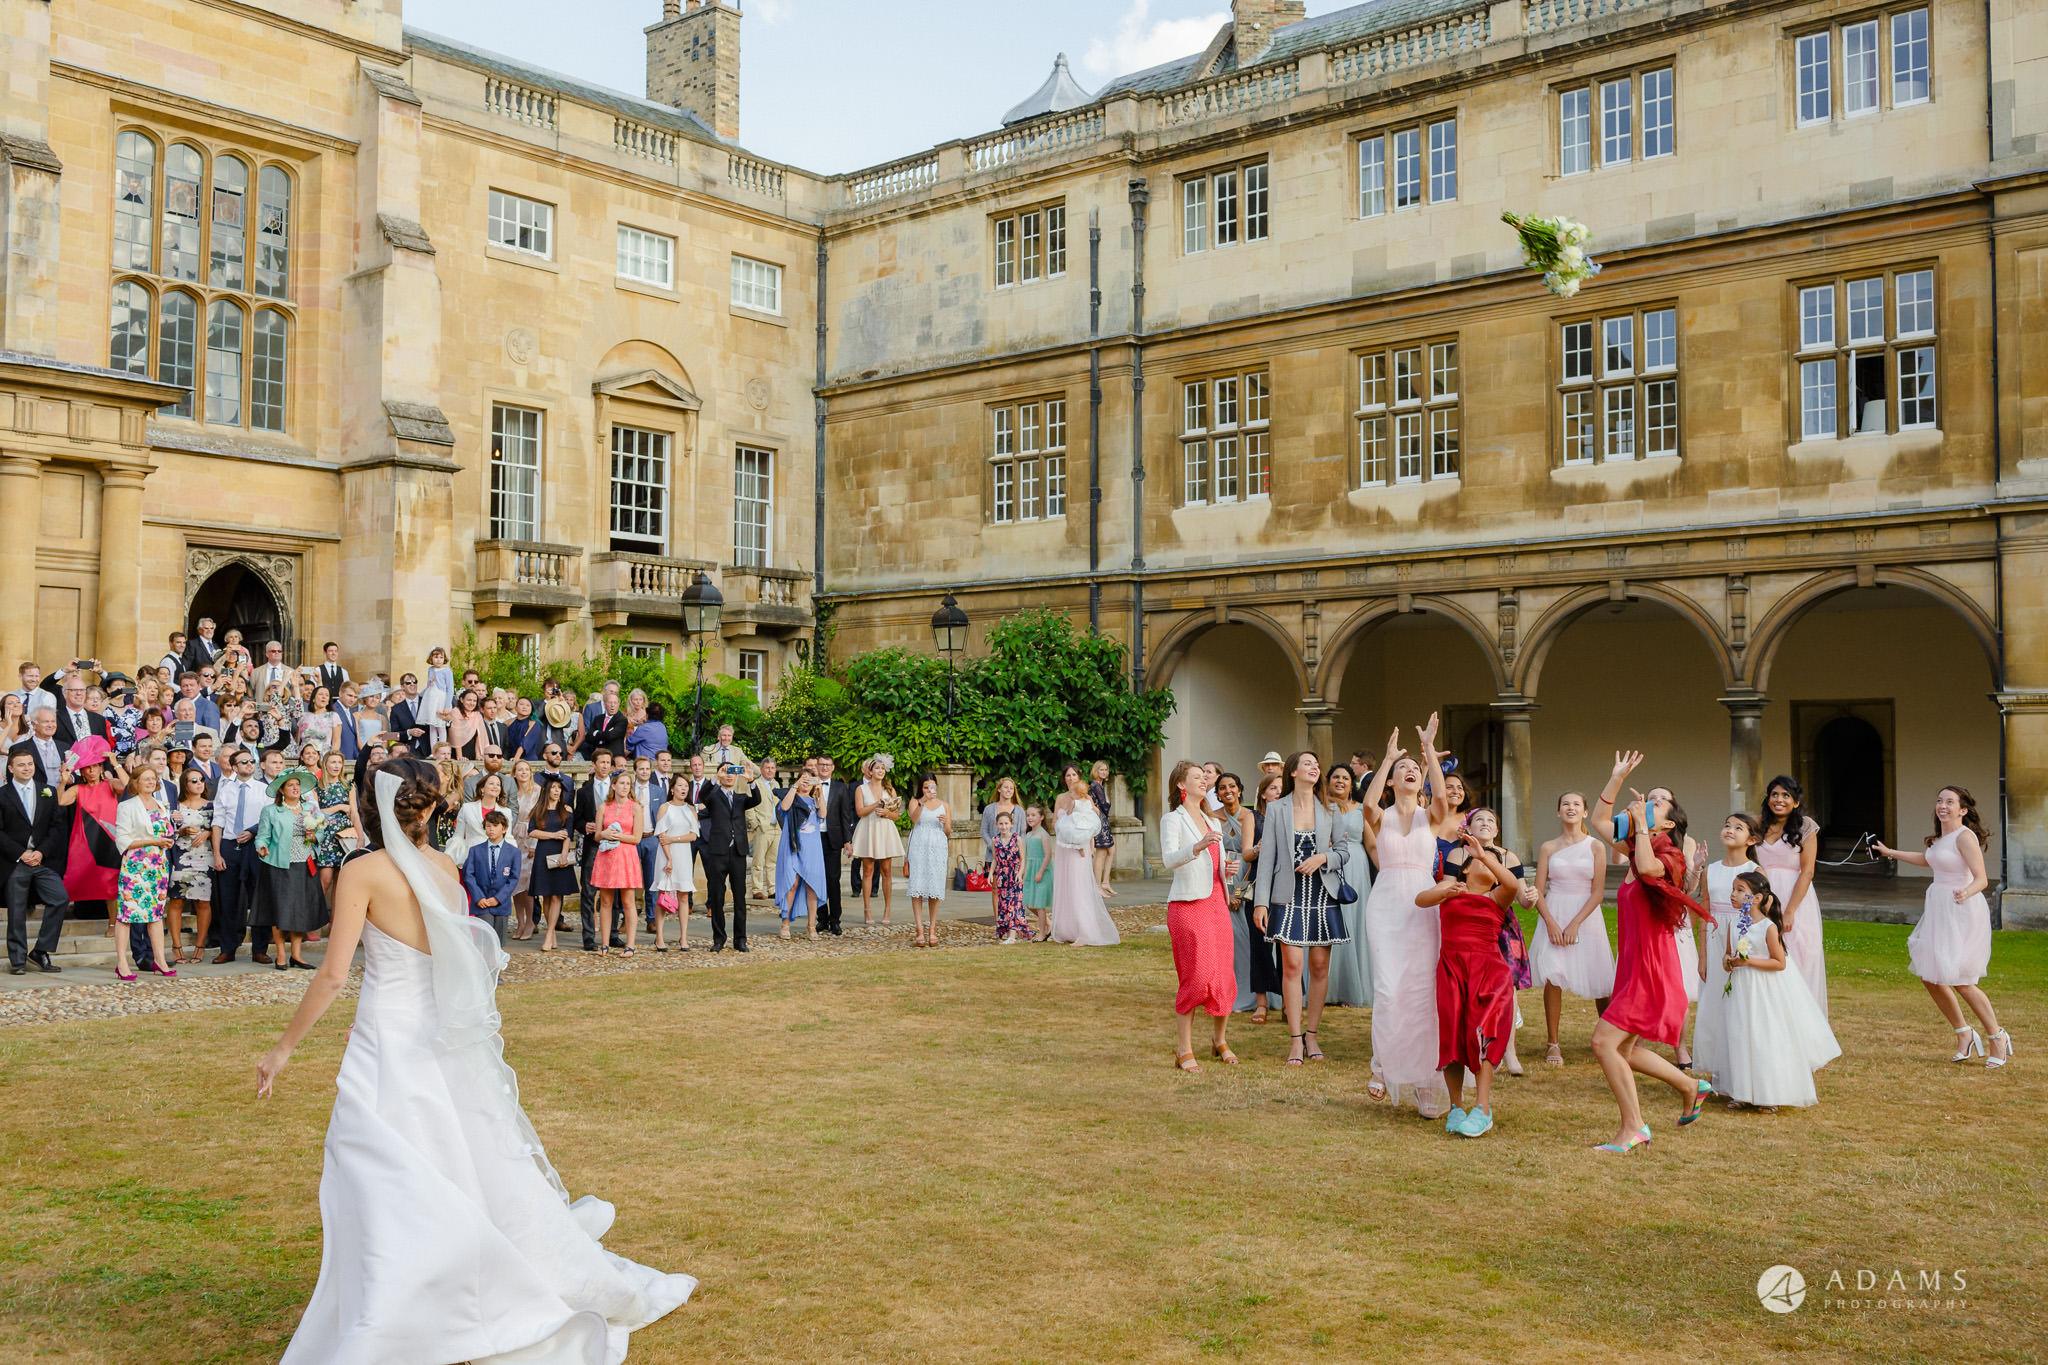 Trinity College Cambridge wedding bride throwing a bouquet